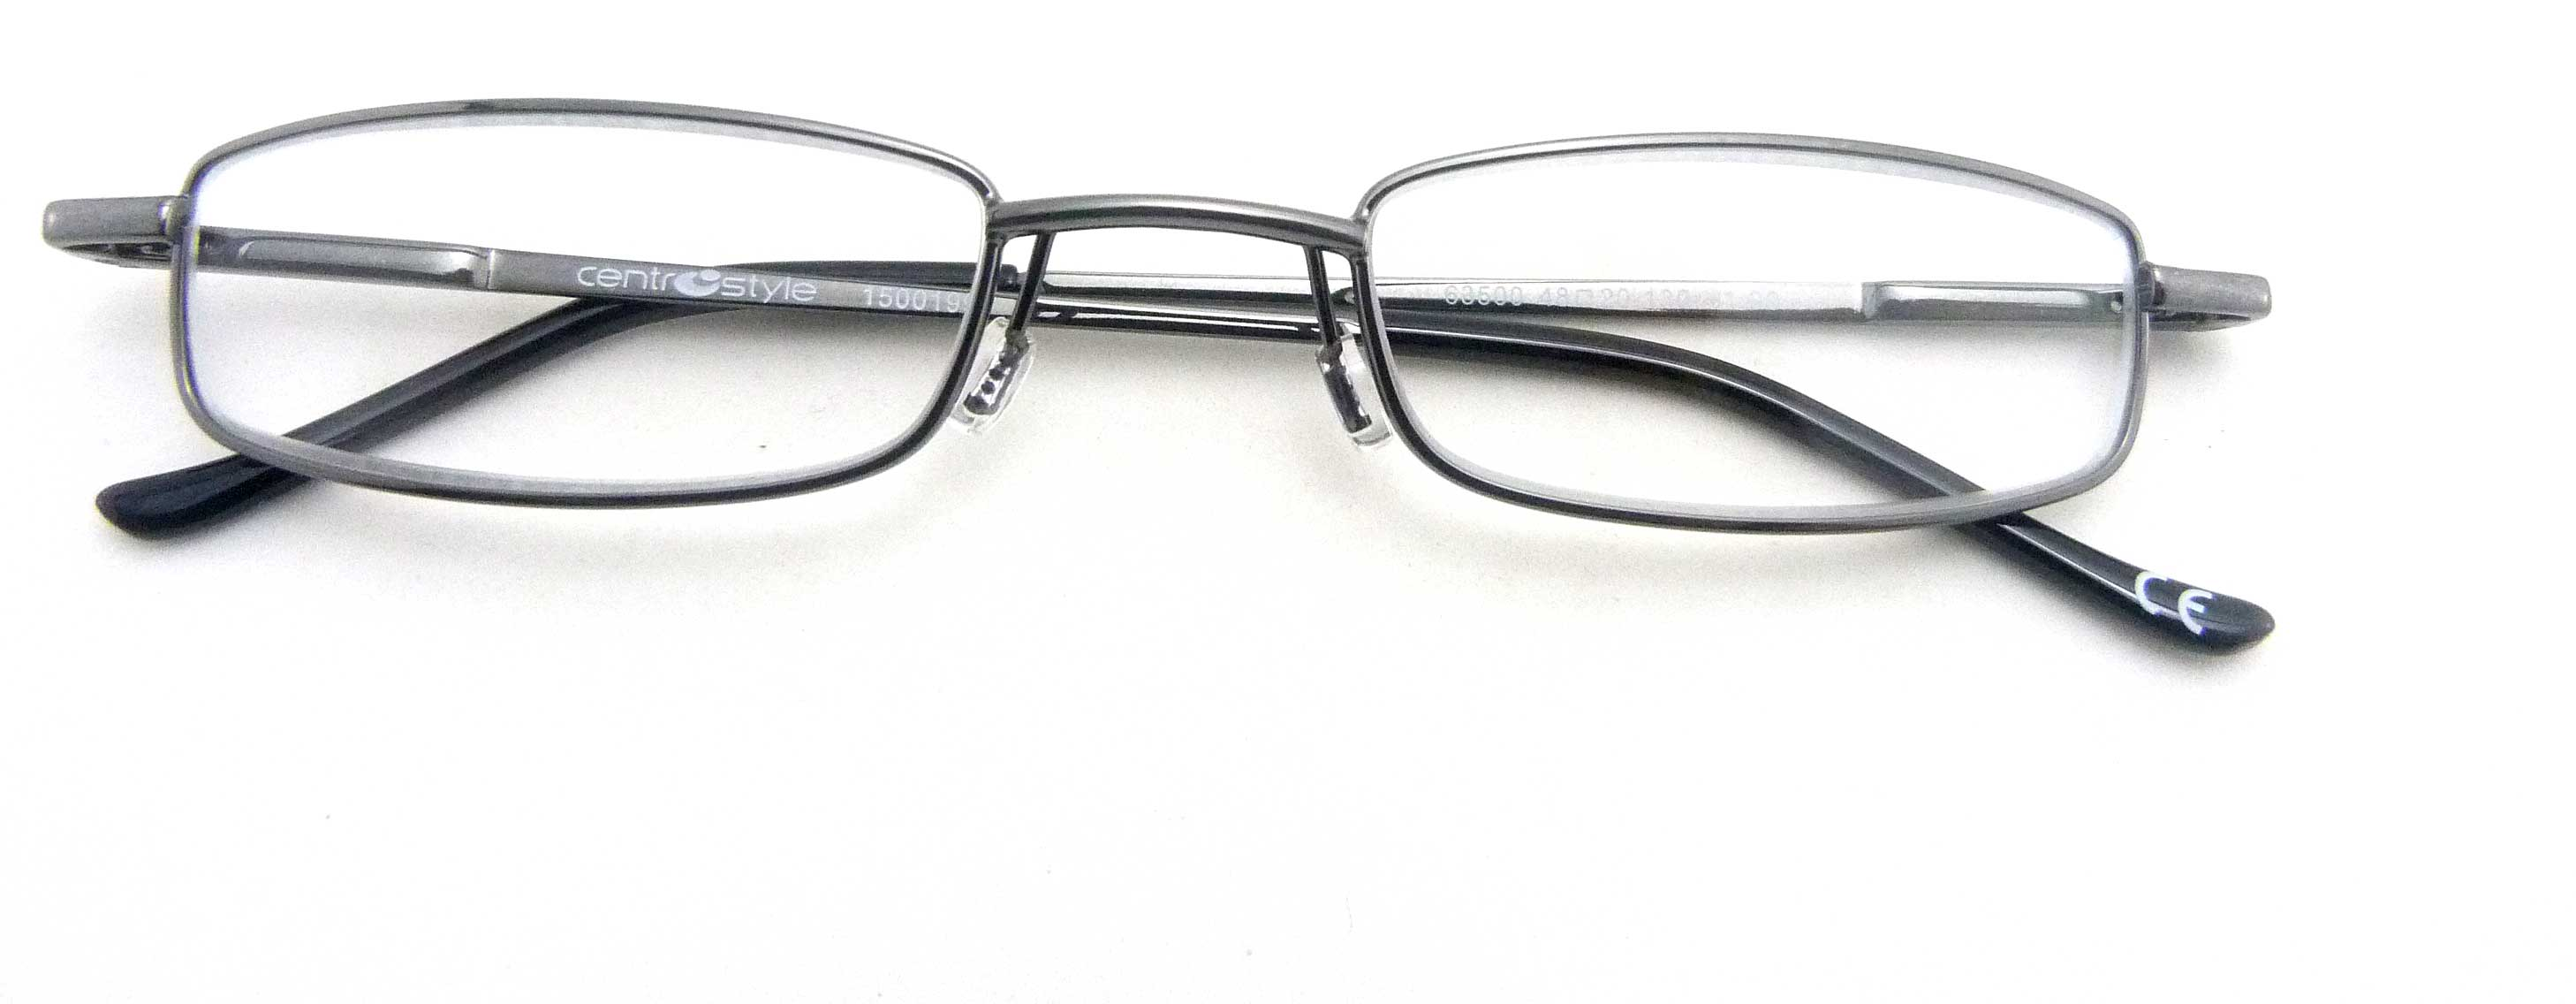 0263506 - Óculos Leitura Flex AT +2,50 GunMetal Mod 63506 FLAG 9  -Contém 1 Peça